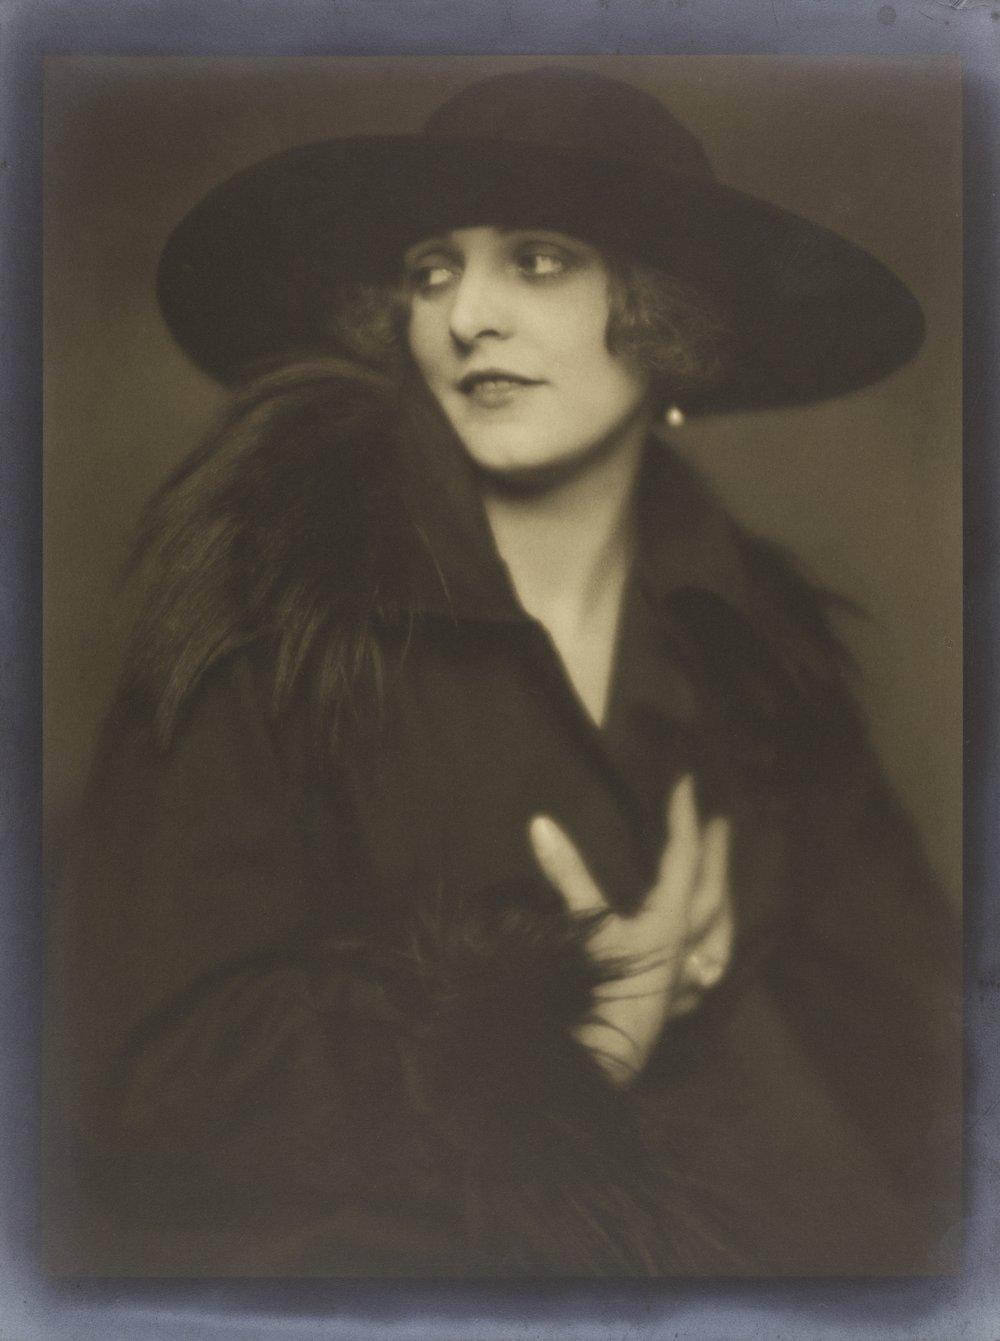 Karl Schenker, Portrait of a Lady, around 1920, Museum Ludwig, Photo: Rheinisches Bildarchiv